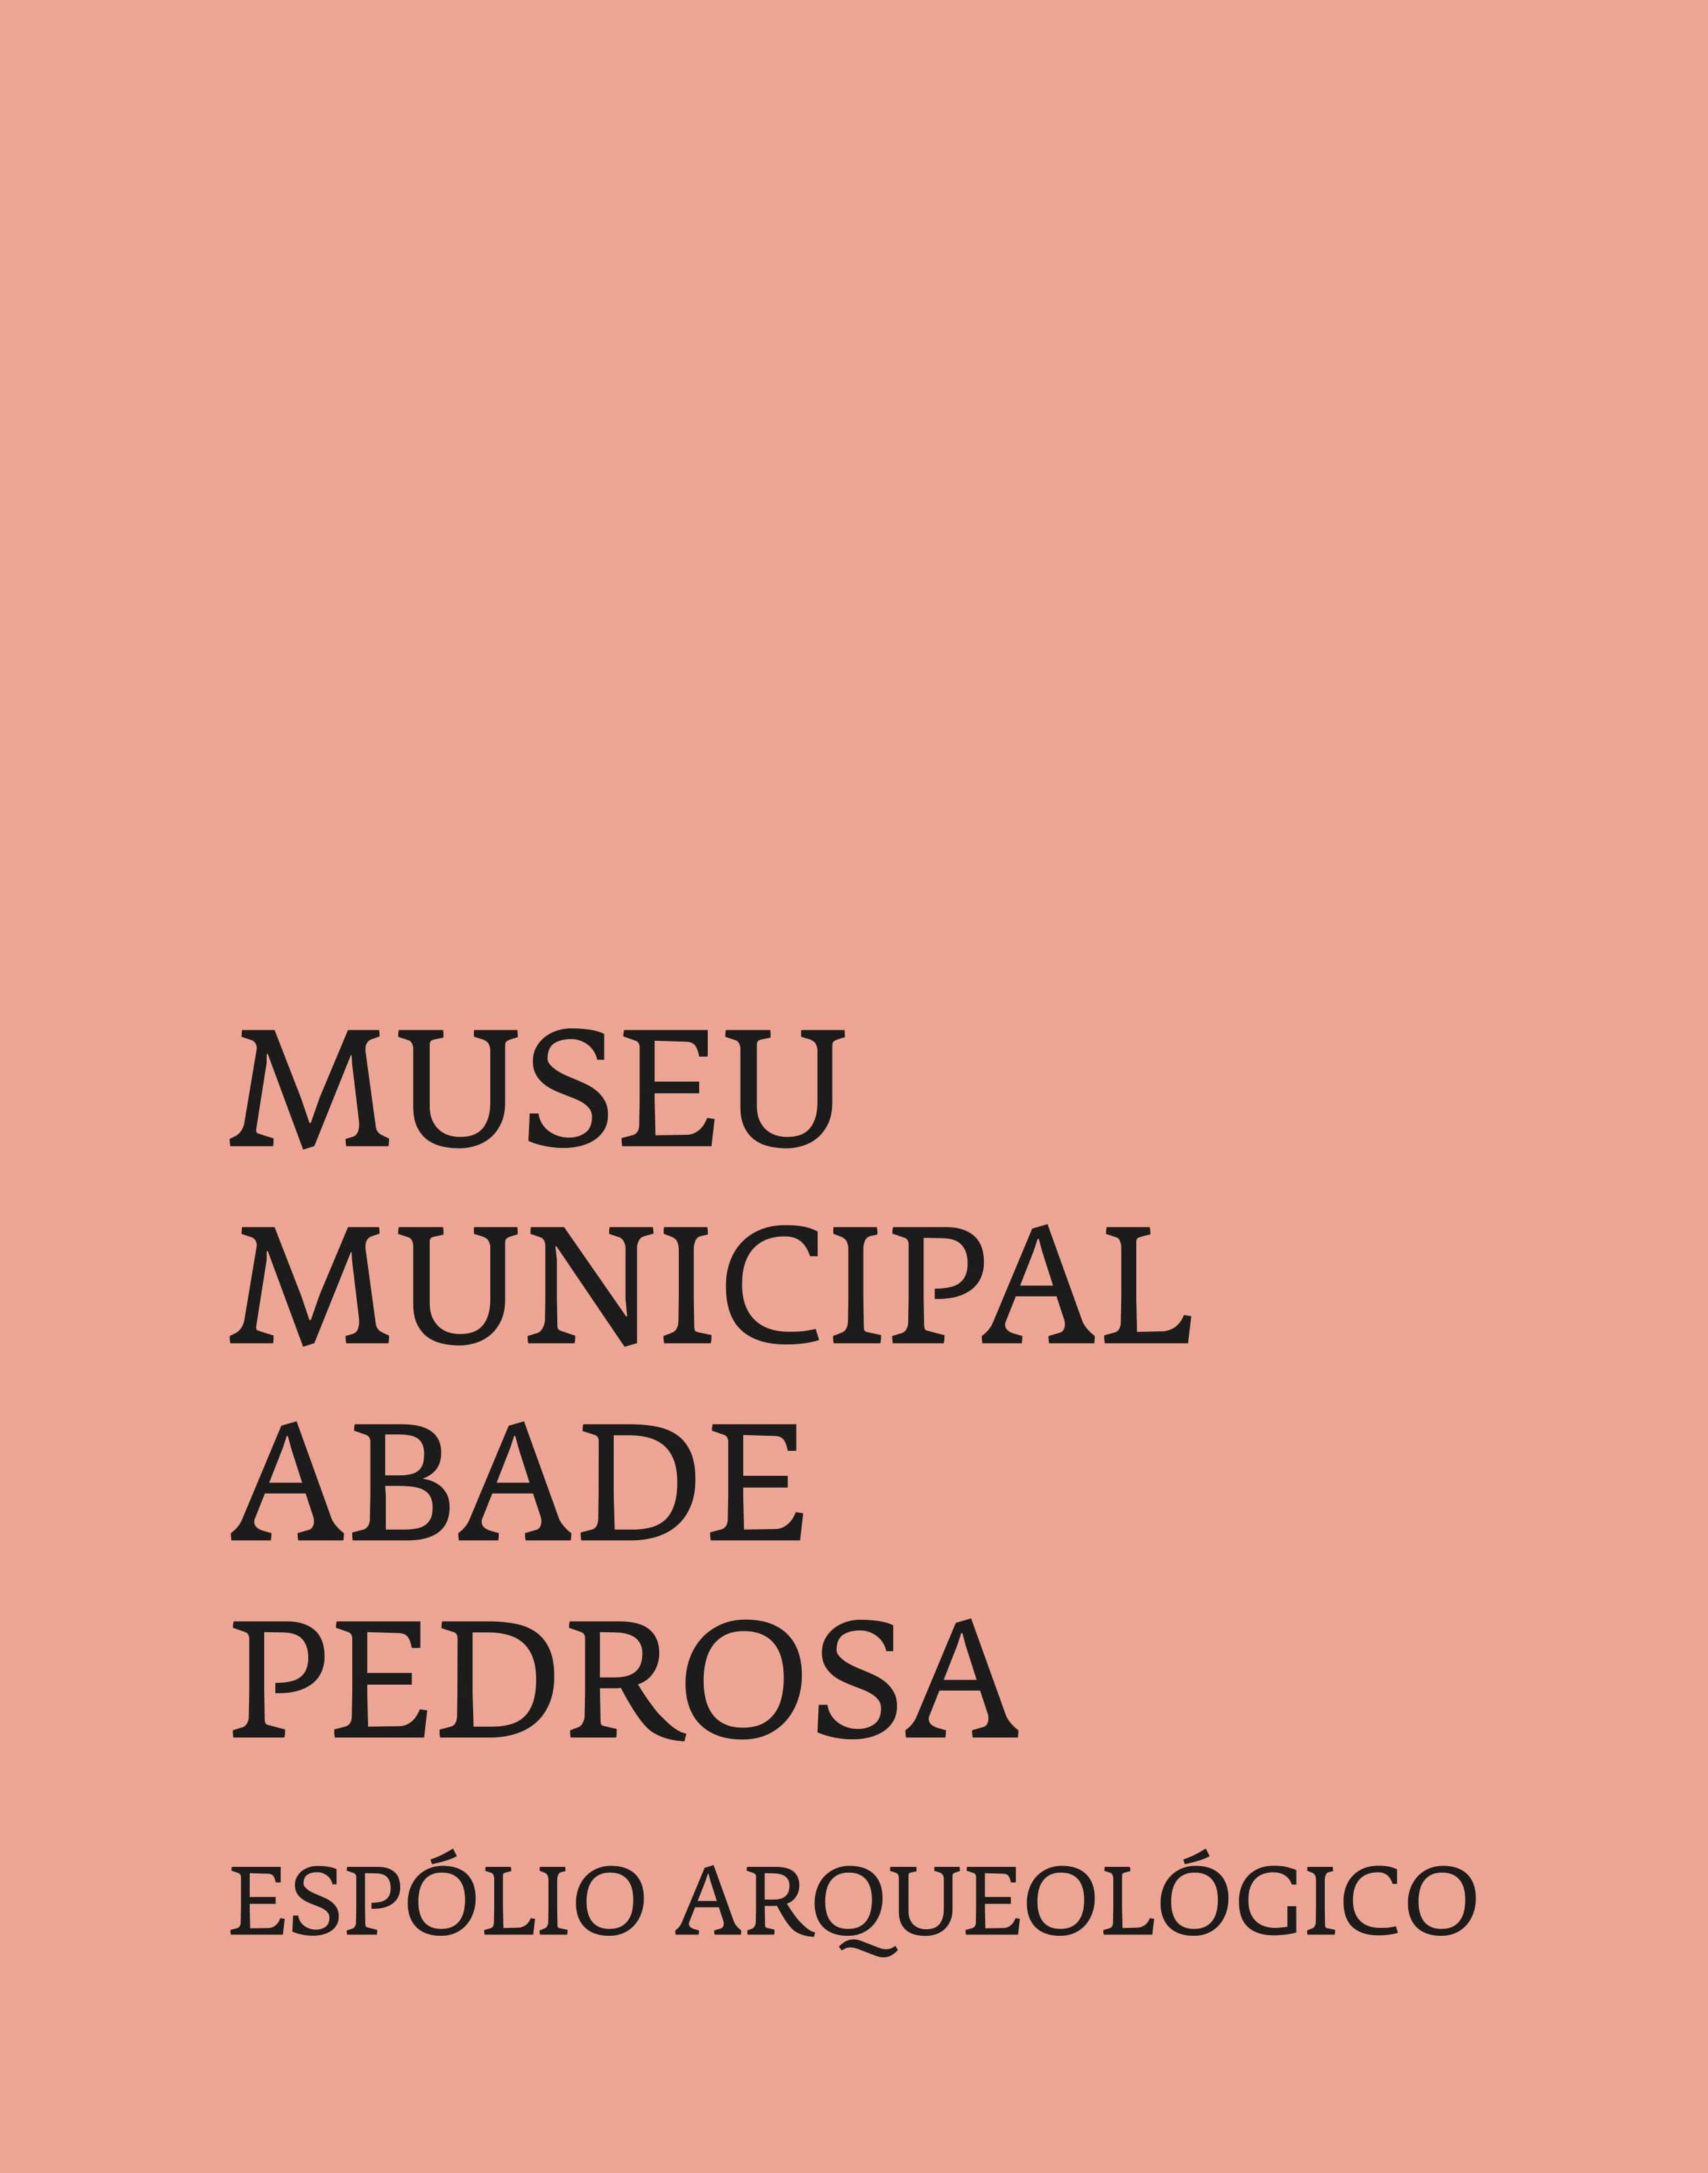 Museu Municipal Abade Pedrosa – Espólio Arqueológico